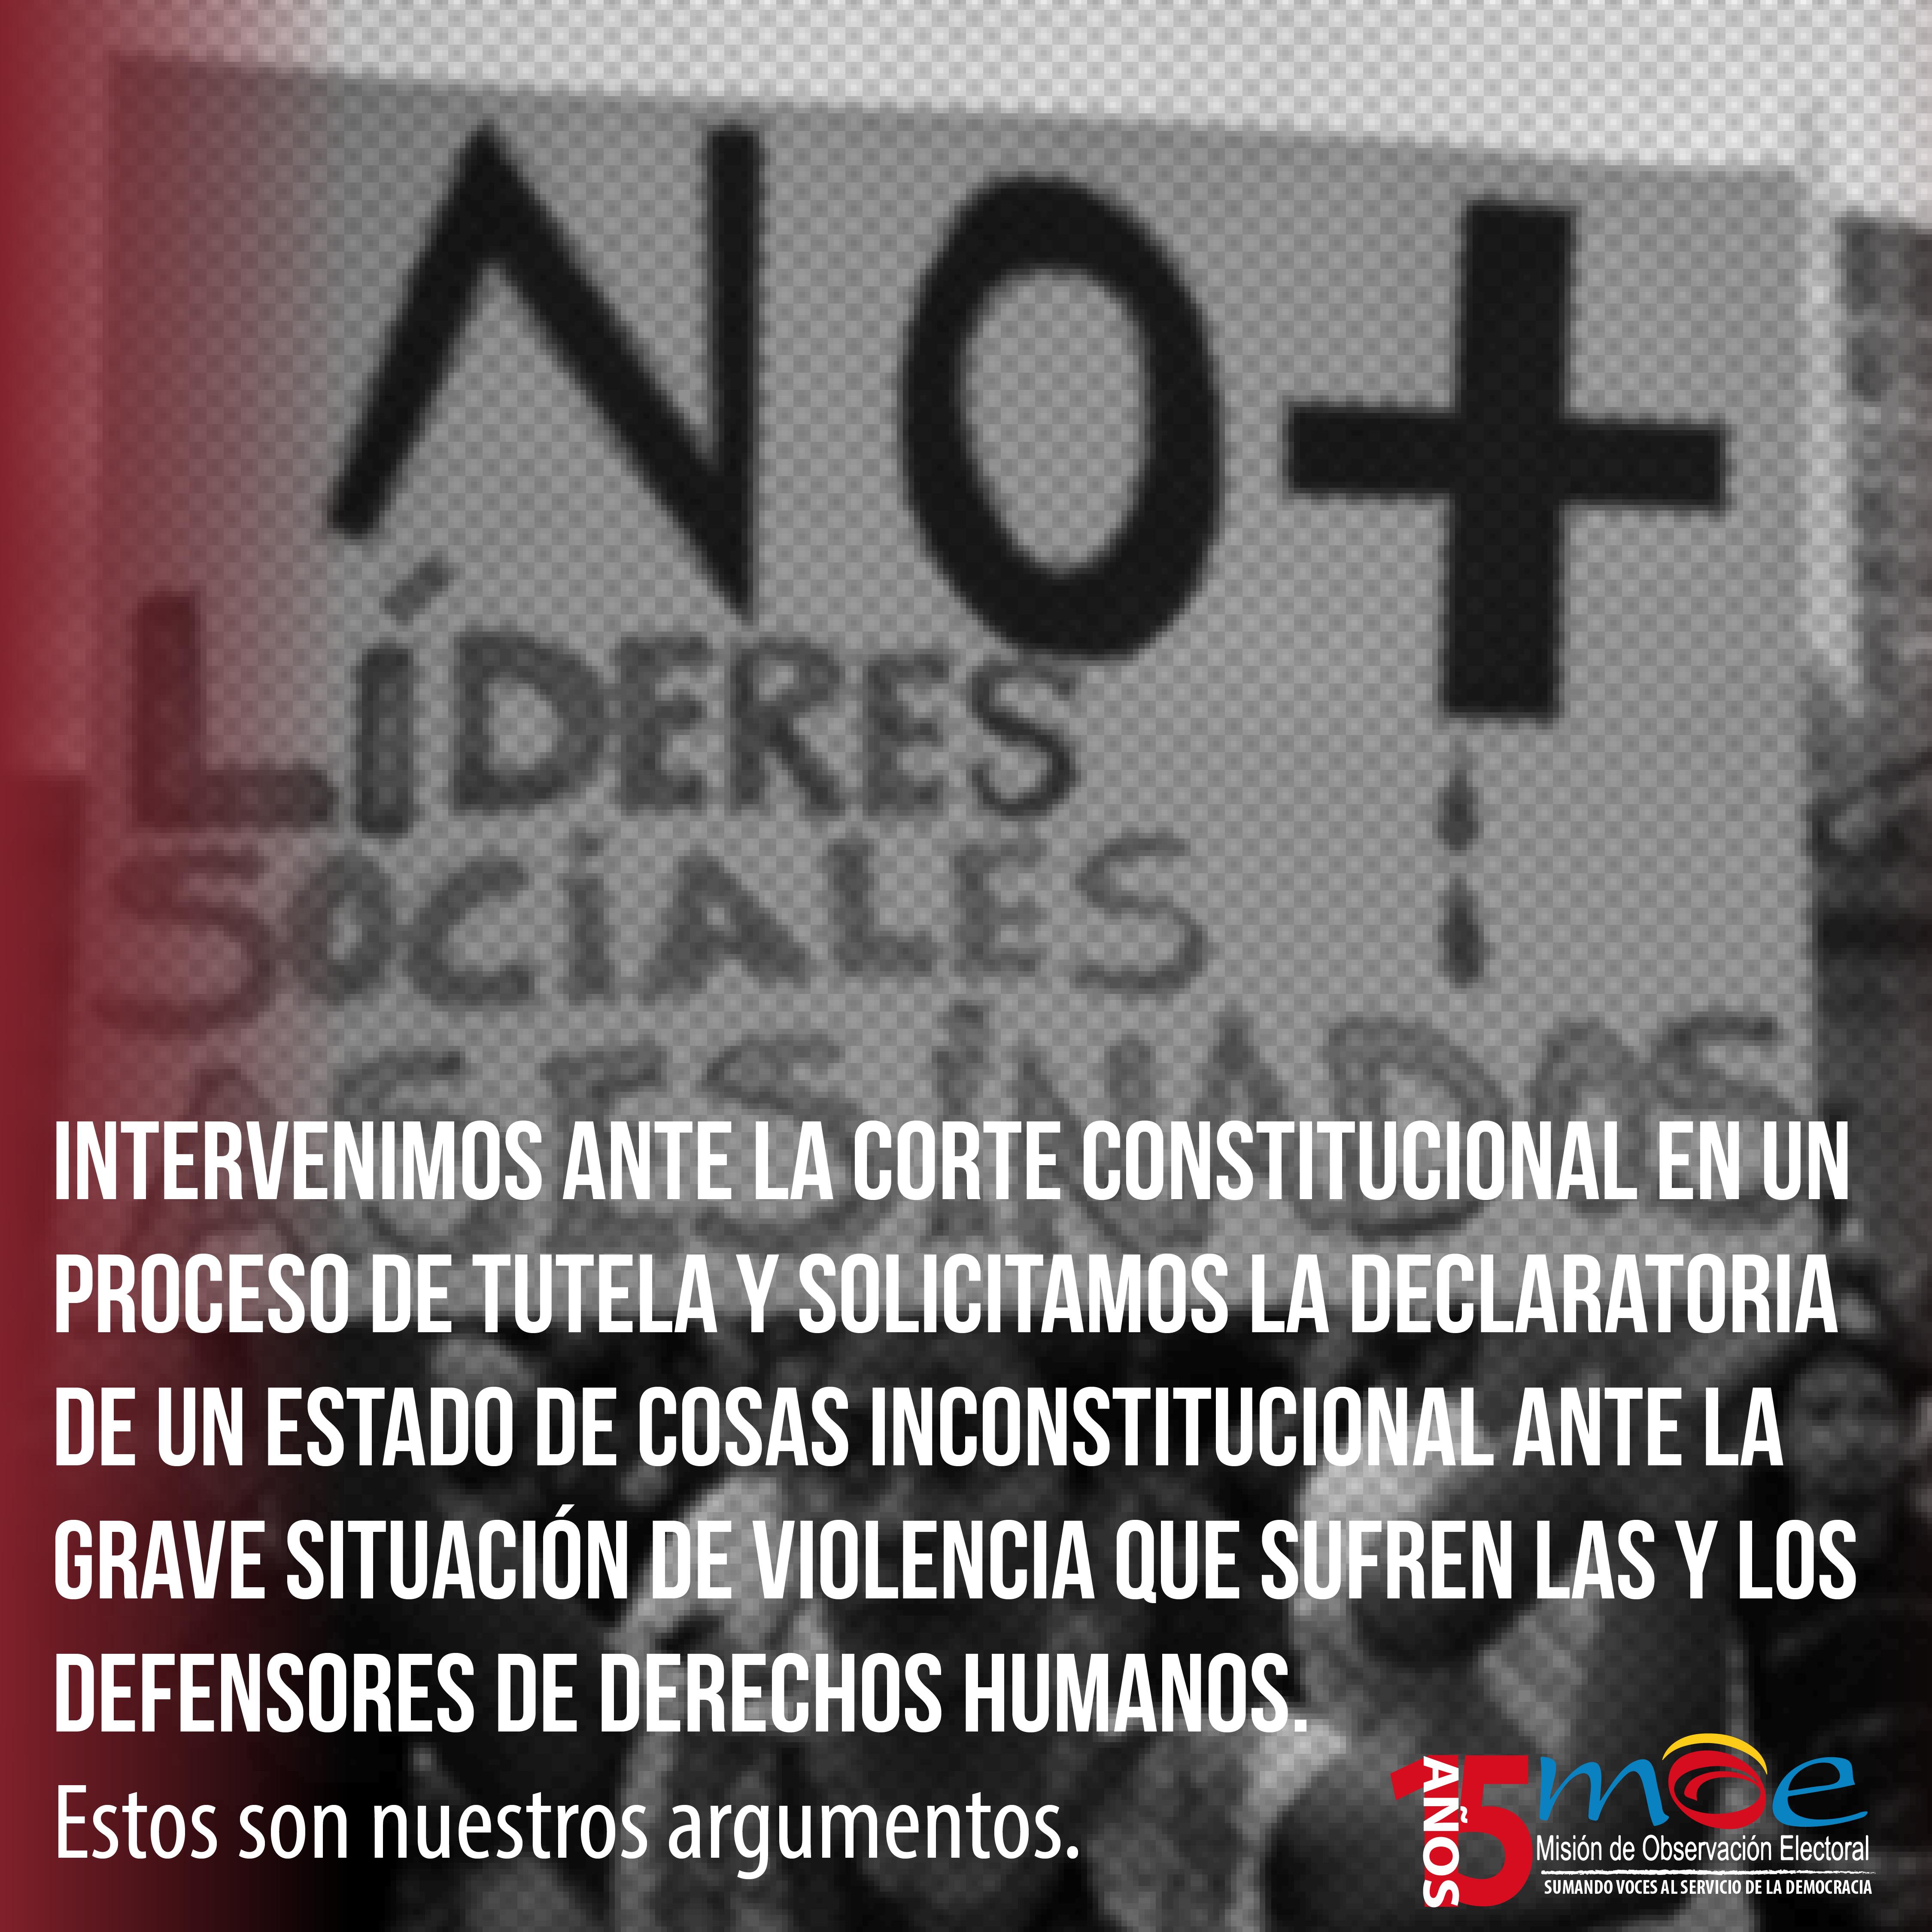 Intervención Ante La Corte Constitucional. Violencia contra Lideres Sociales